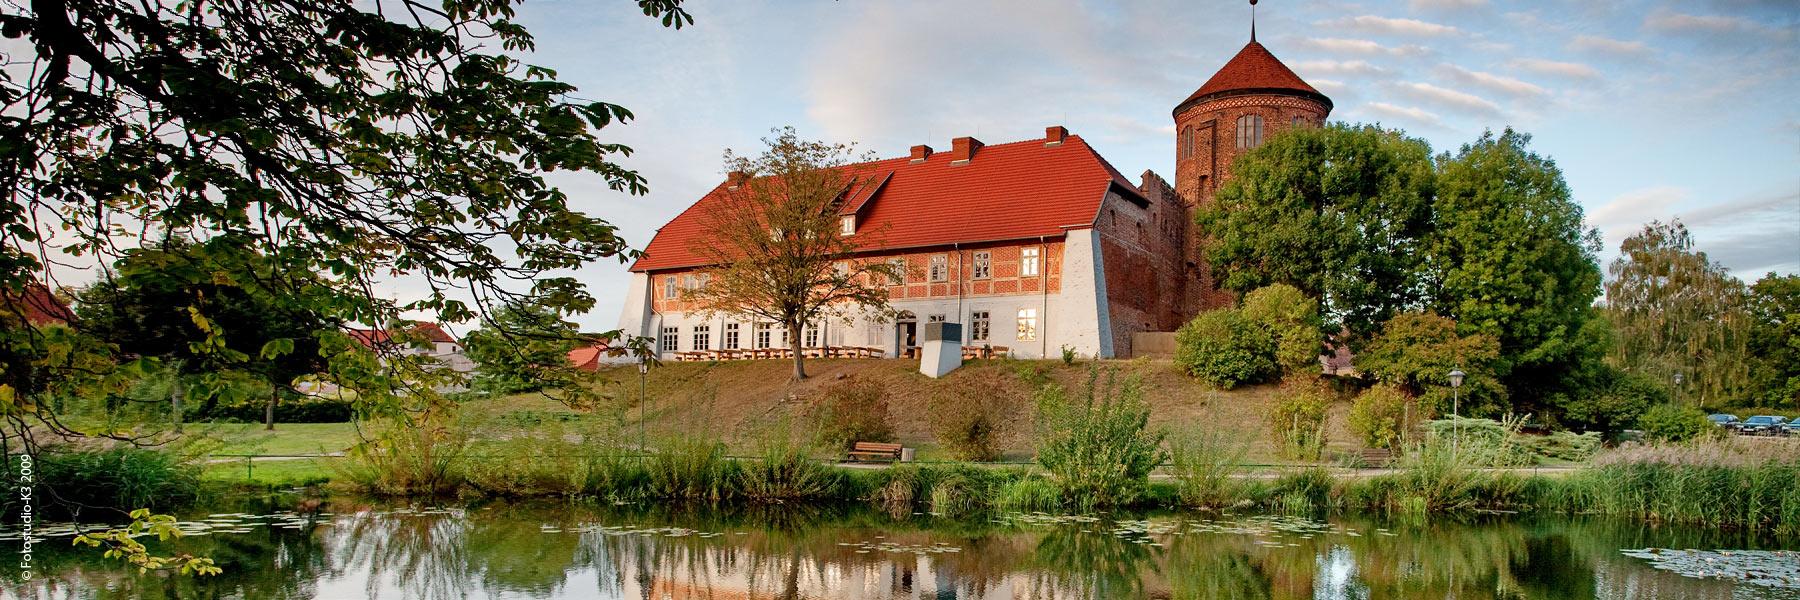 Burg - Stadtverwaltung Neustadt-Glewe